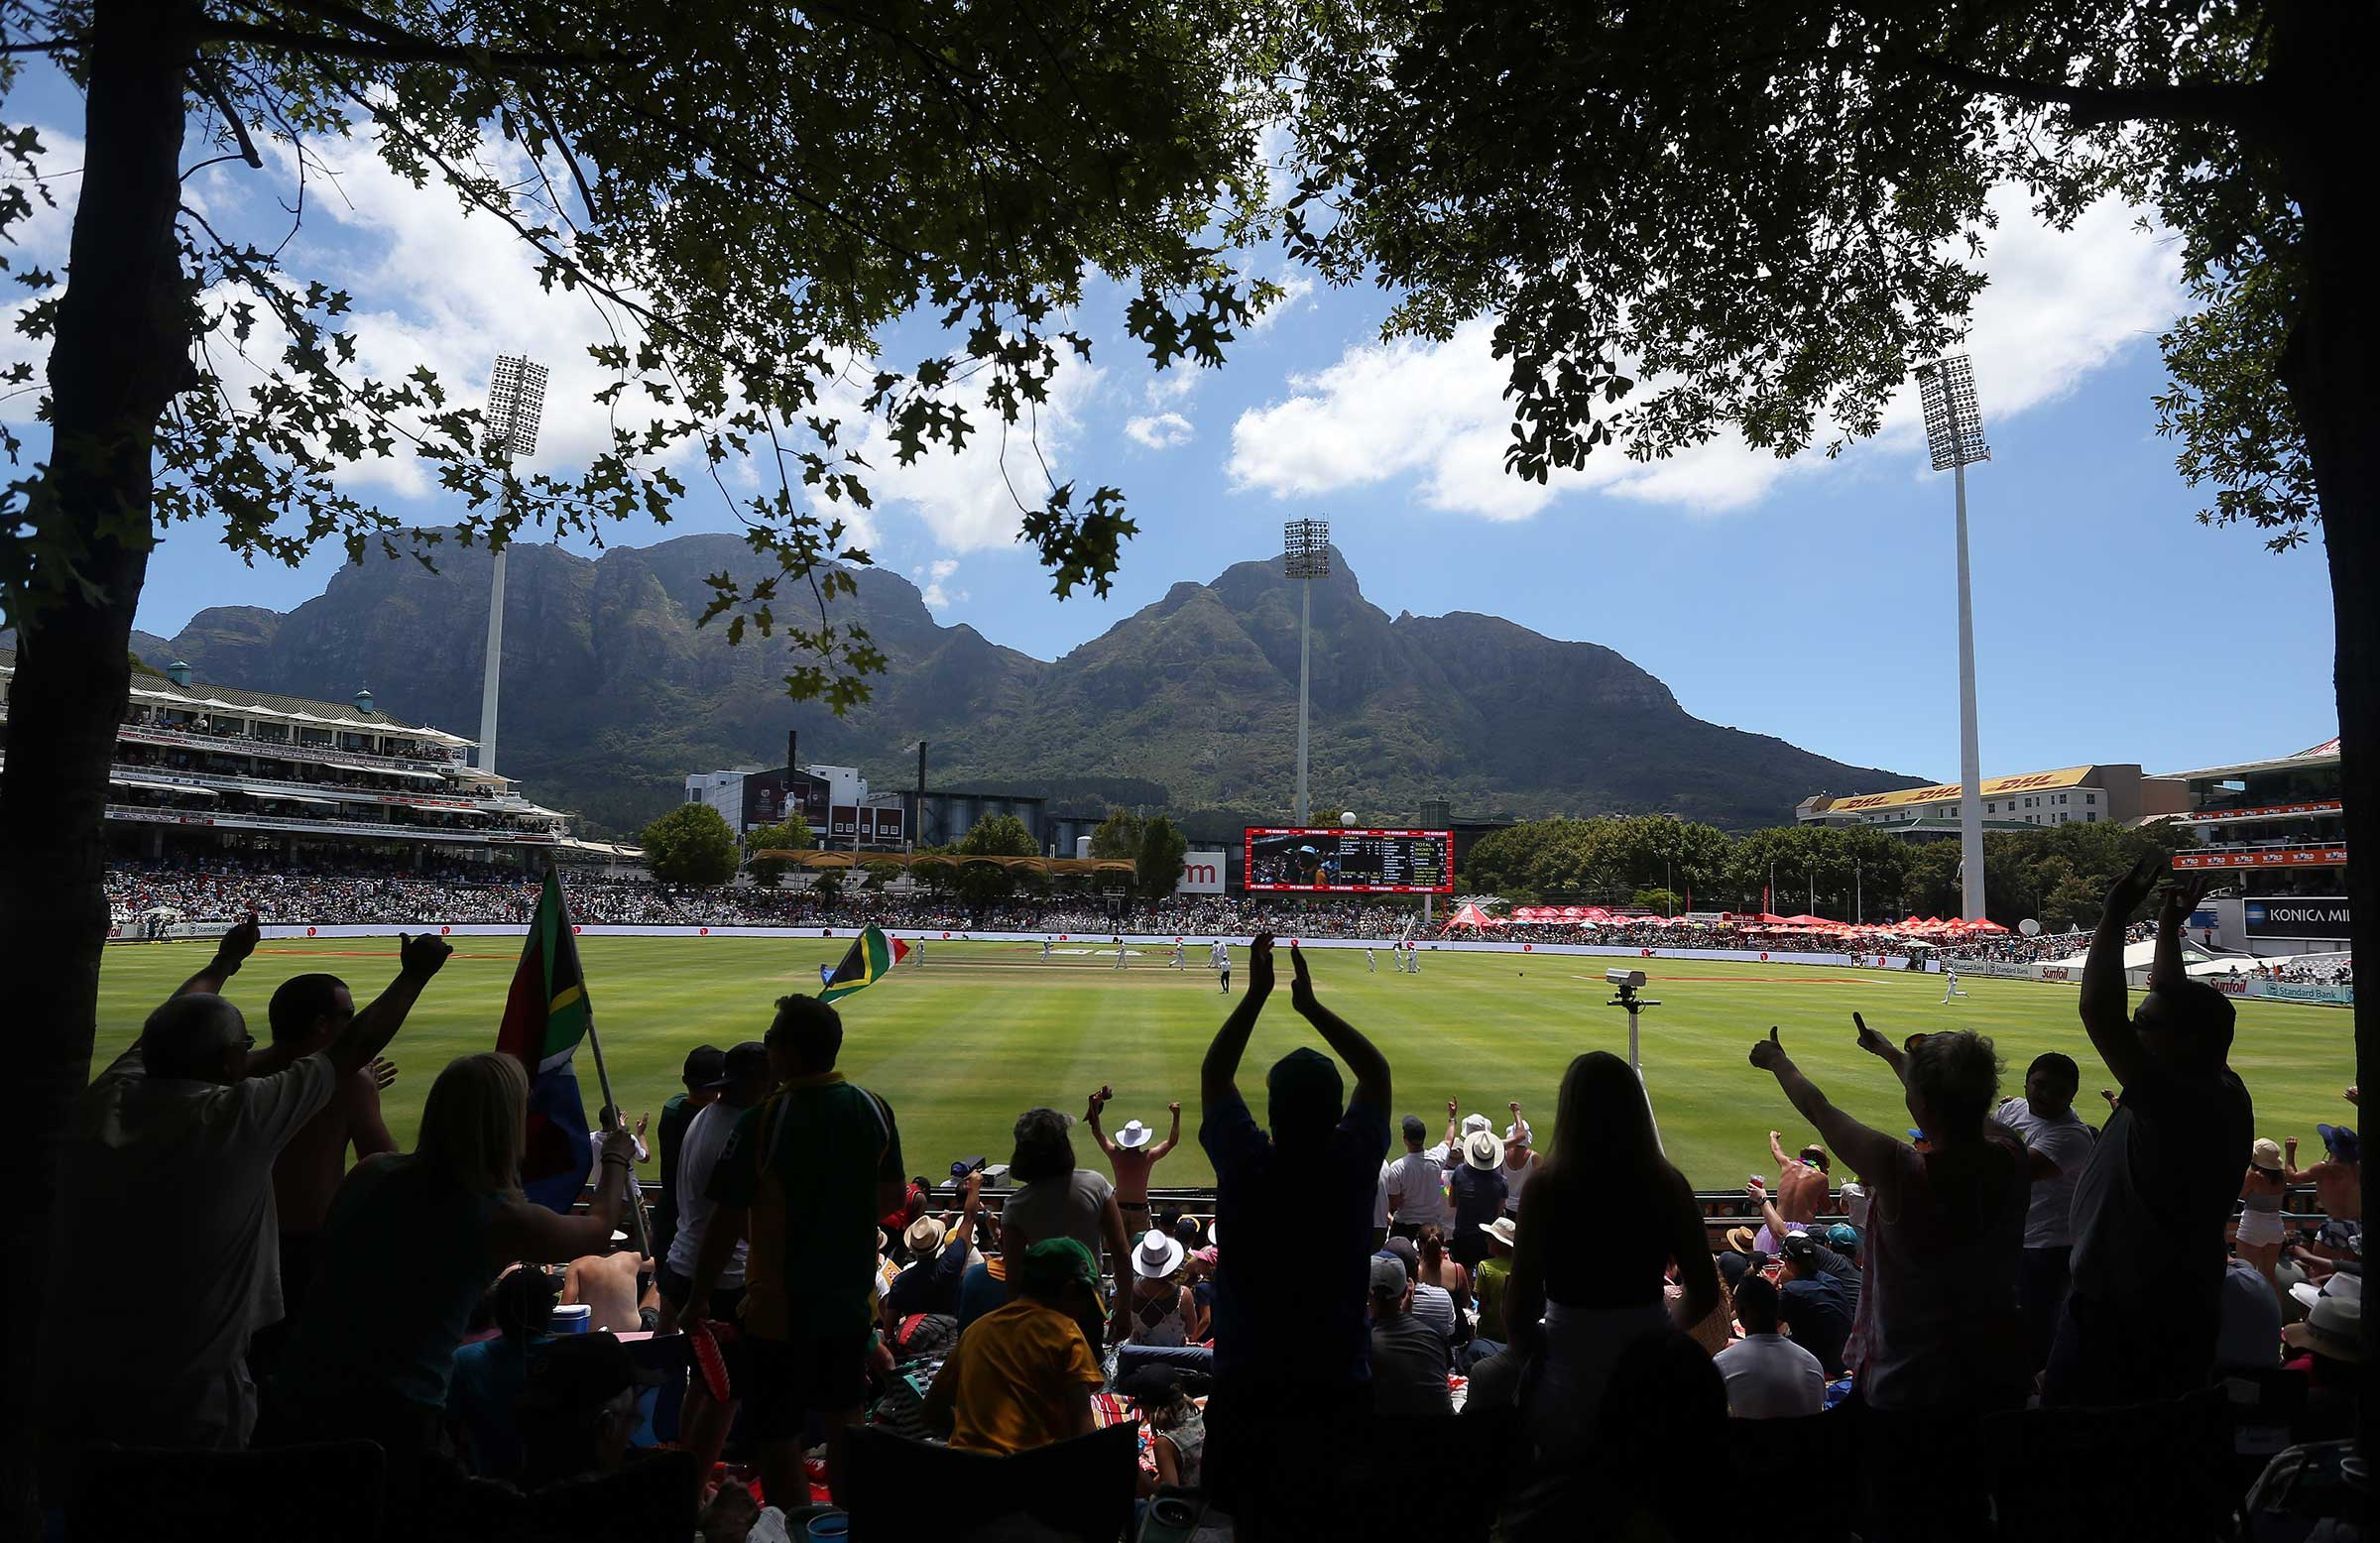 cricket.com.au